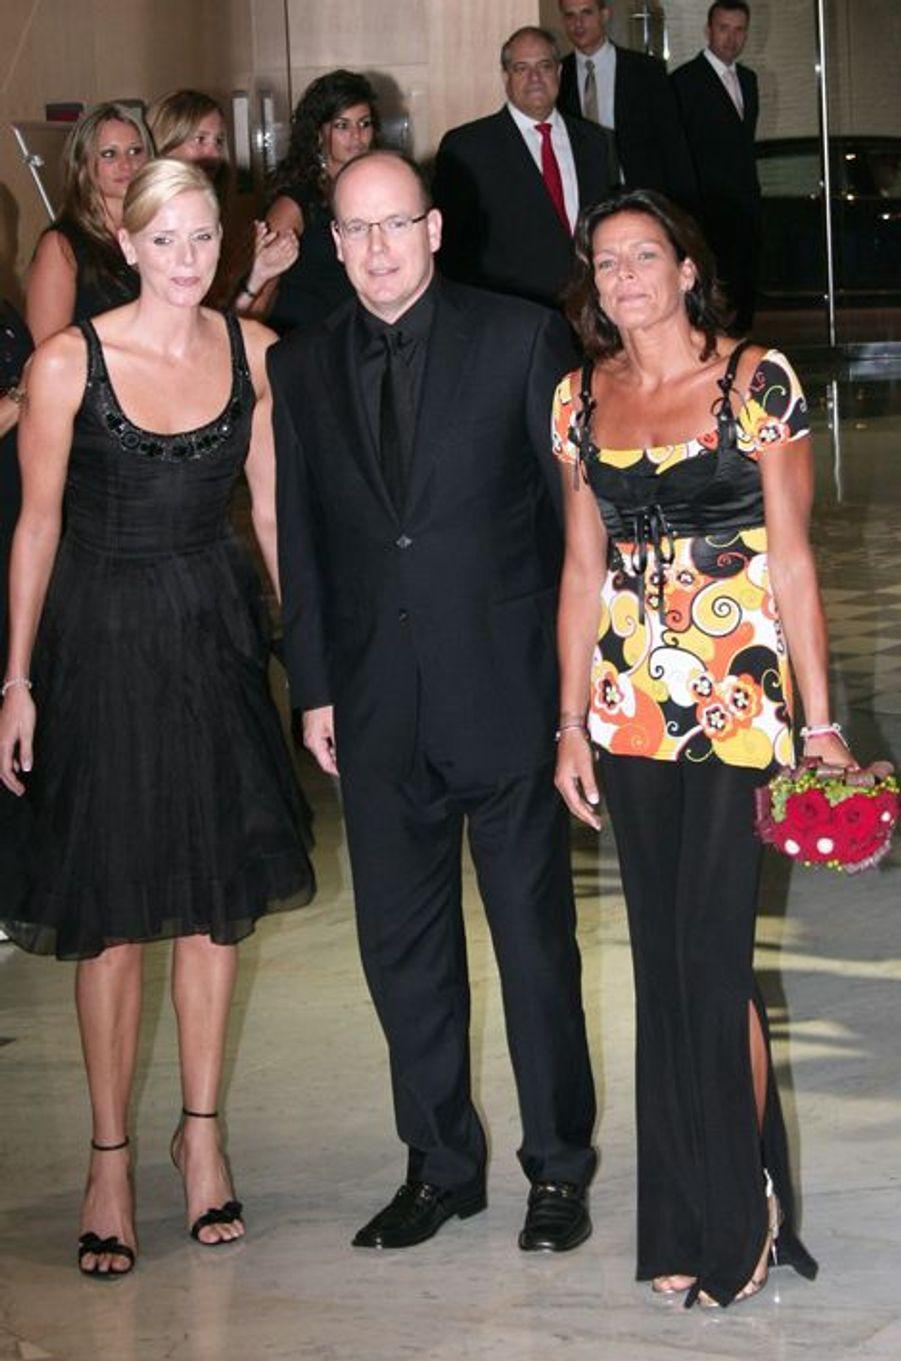 La princesse Stéphanie de Monaco le 20 juillet 2007, avec le prince Albert et la princesse Charlène